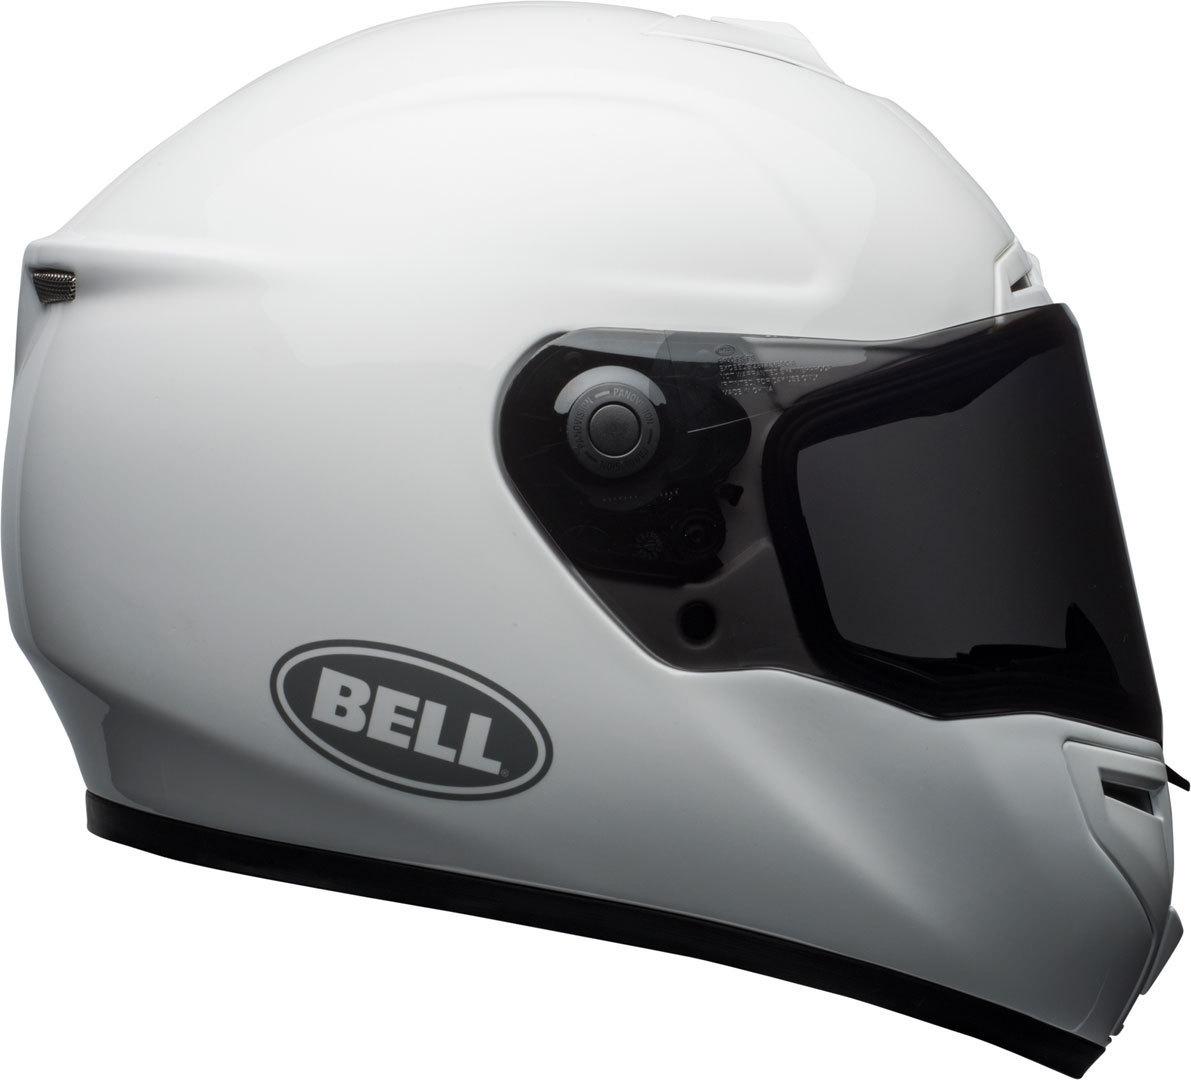 Bell SRT Solid Helm, weiss, Größe S, weiss, Größe S